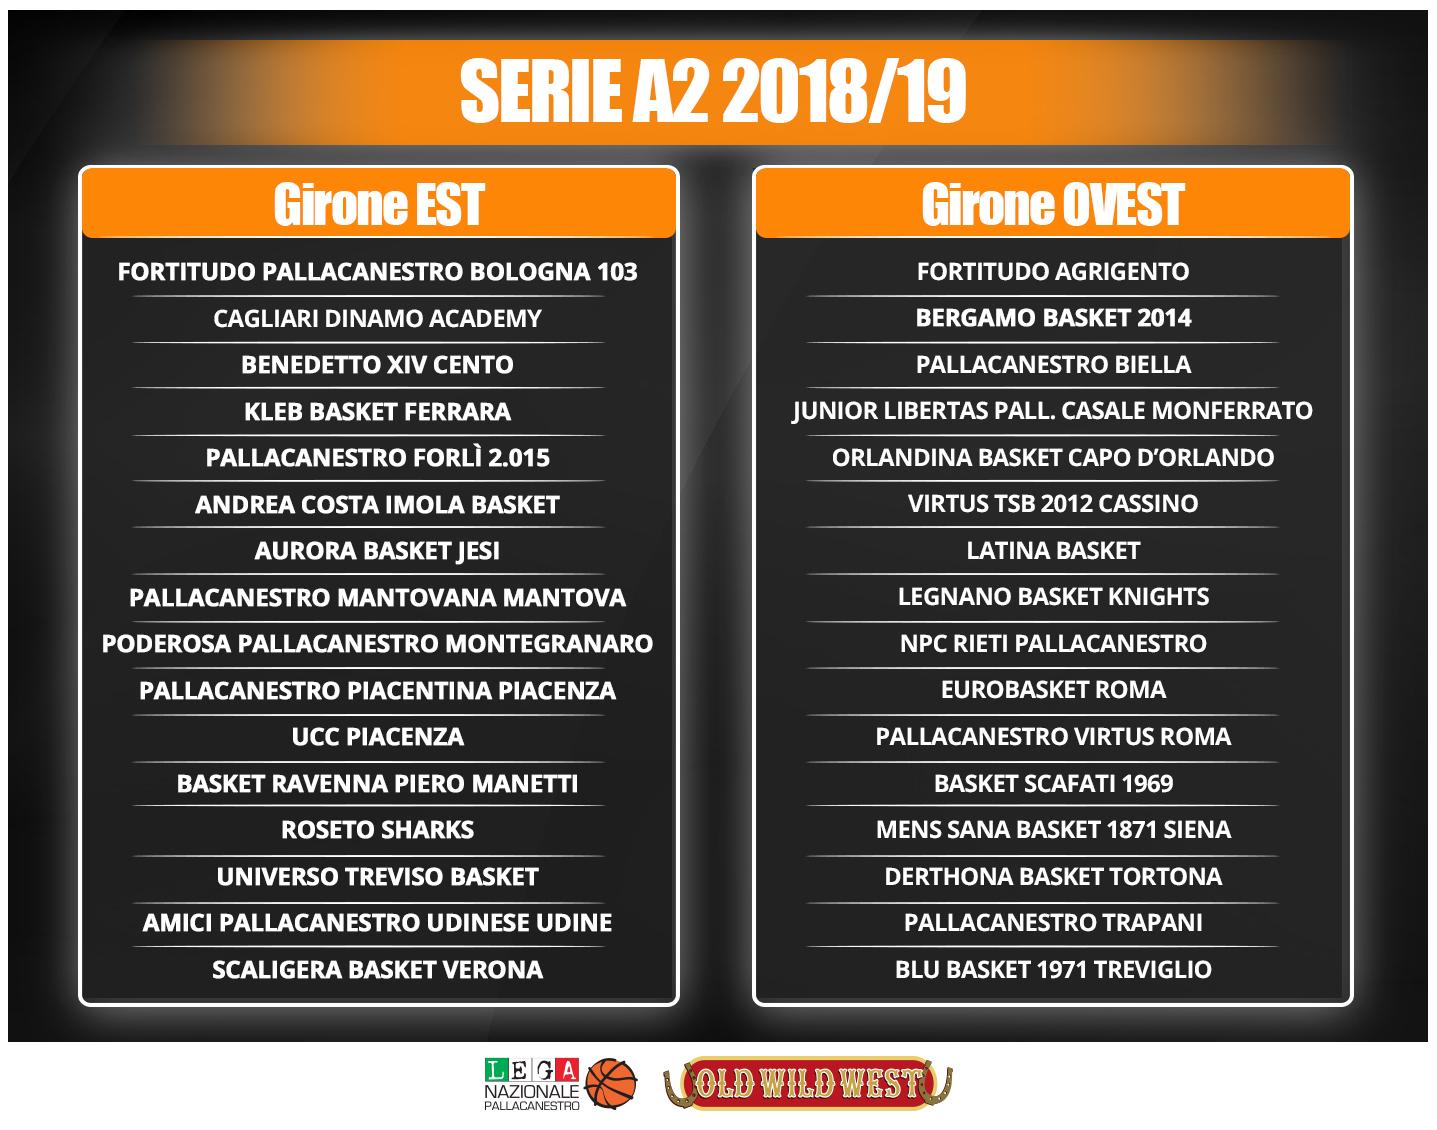 Fortitudo Calendario.Serie A2 Stagione 2018 19 Ecco La Composizione Dei Gironi